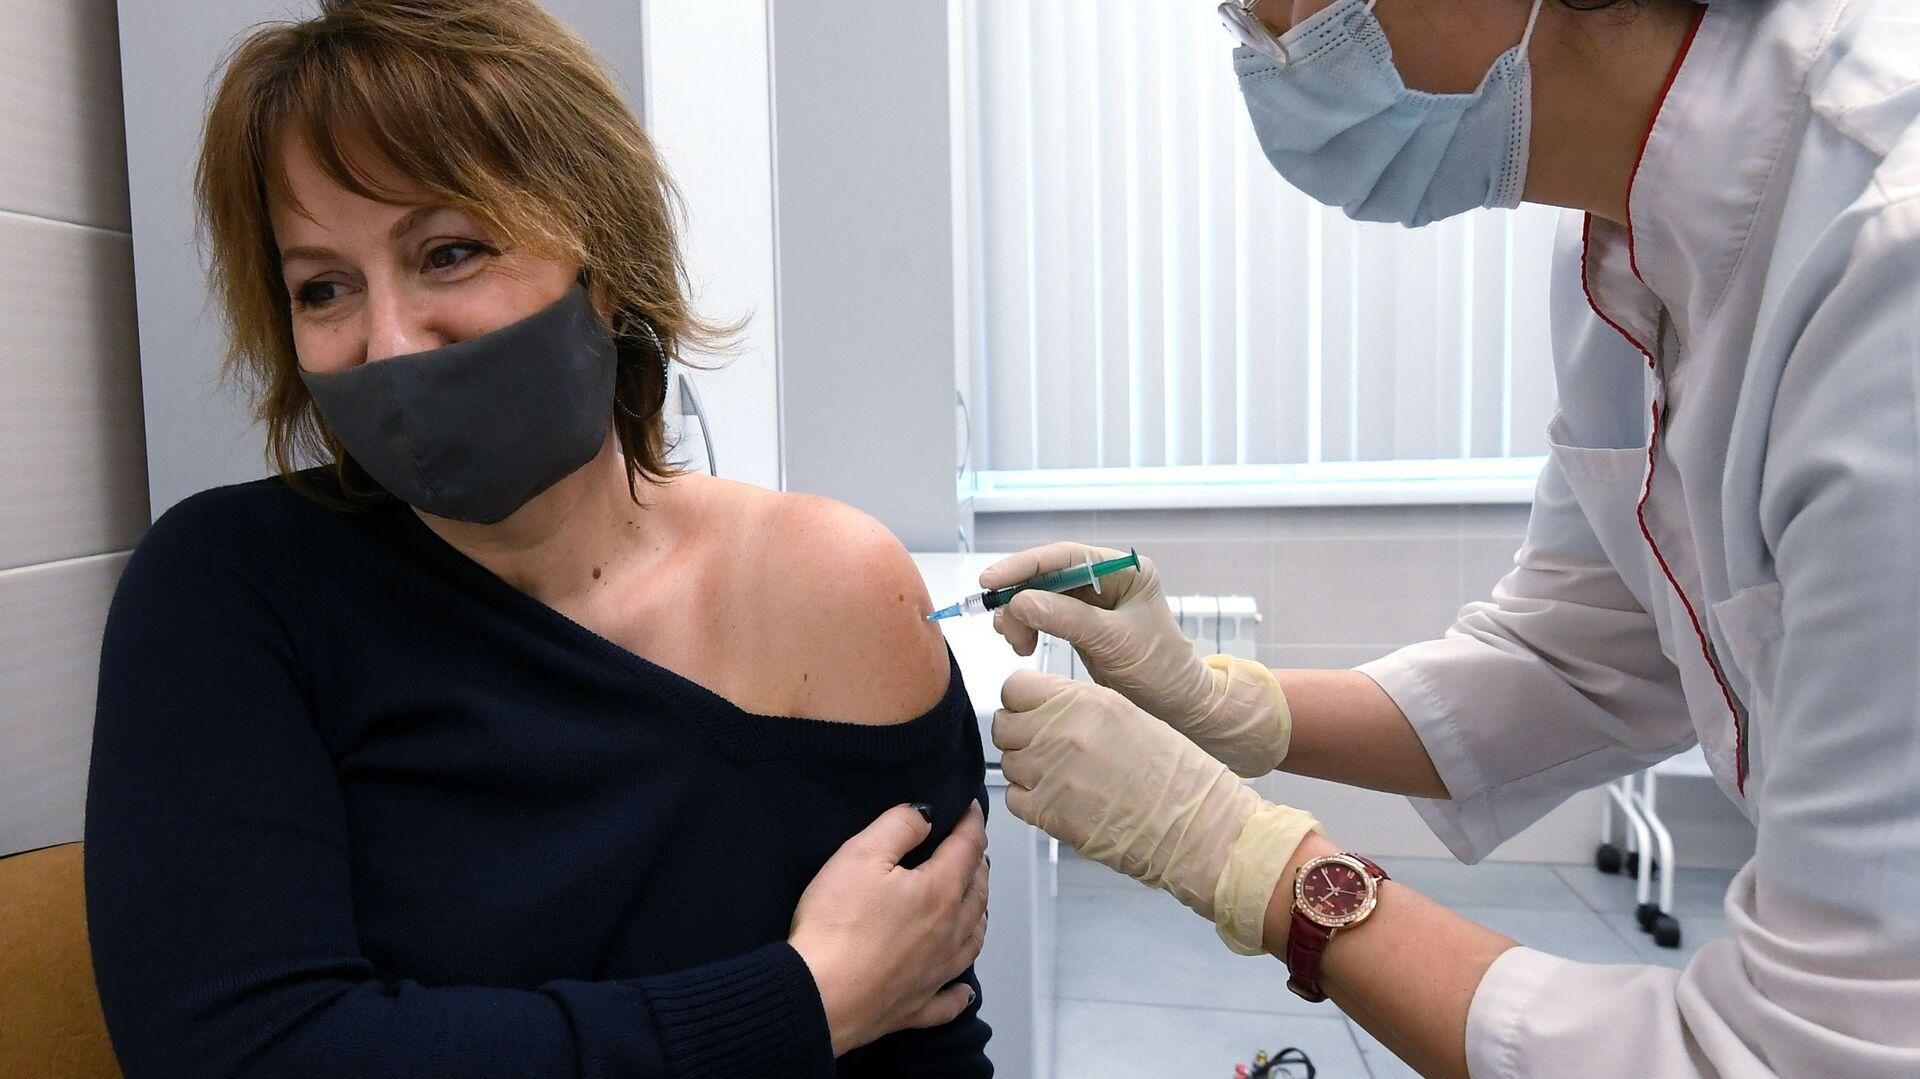 Вакцинация от коронавируса препаратом Спутник V, архивное фото - Sputnik Беларусь, 1920, 03.10.2021